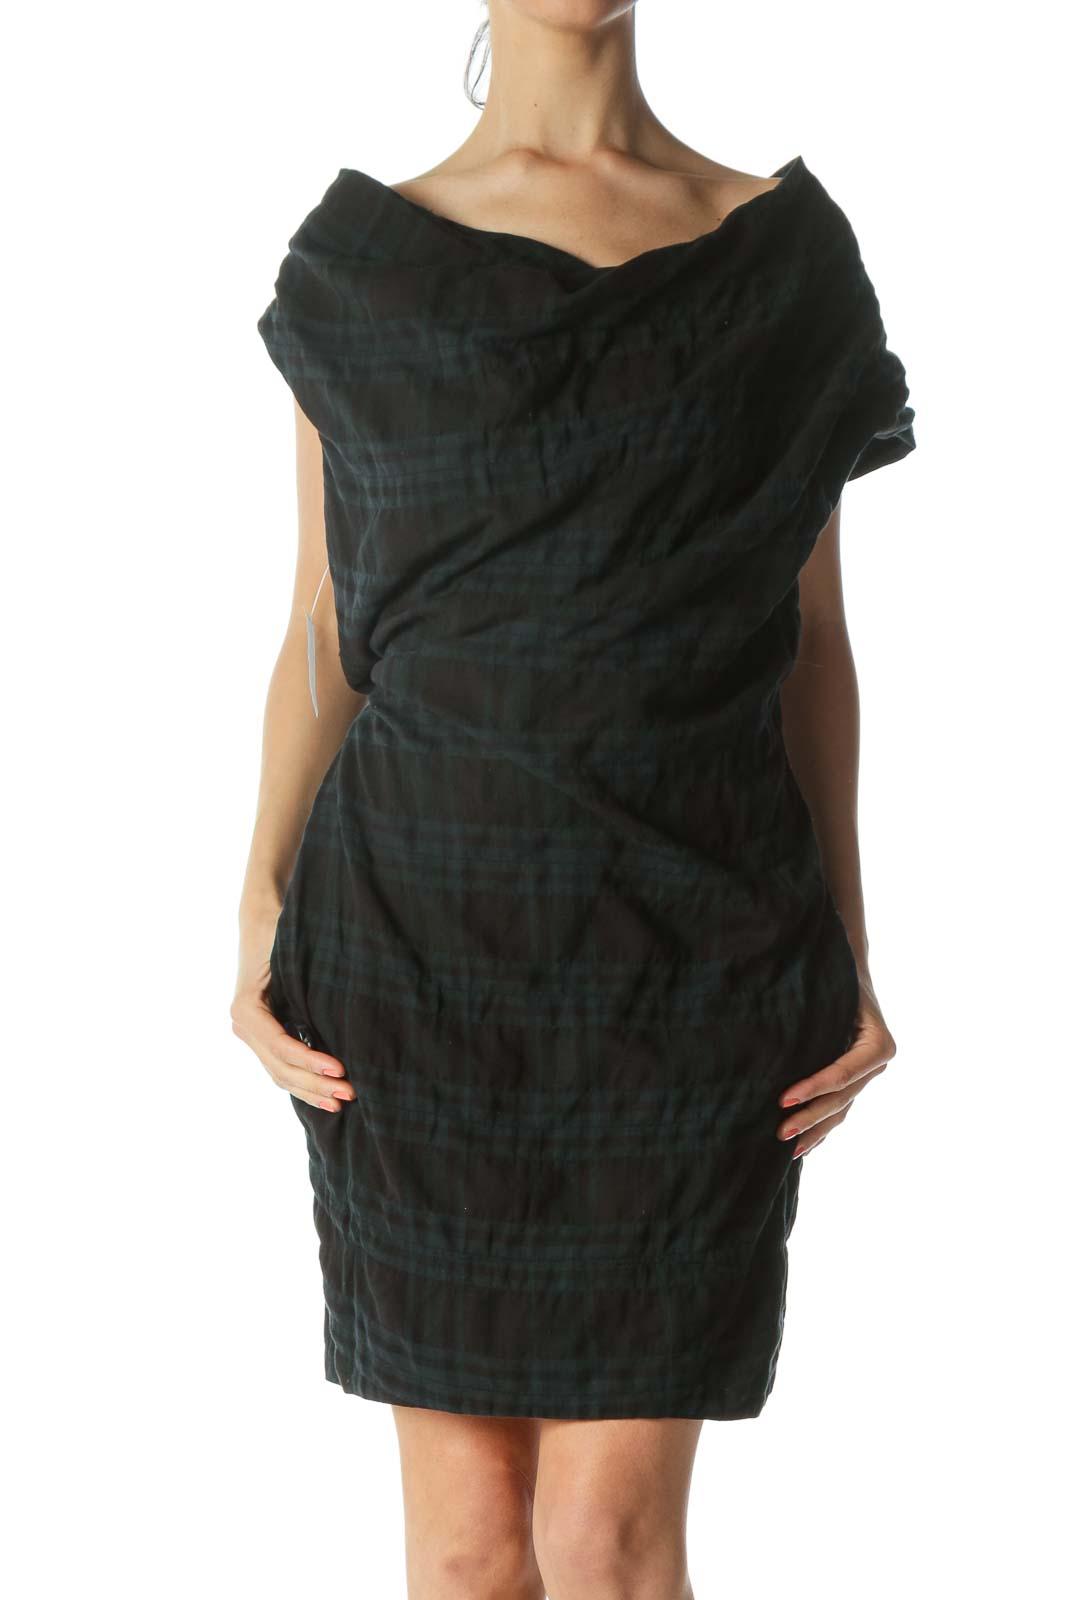 Blue/Black Off-Shoulder Plaid Pocketed Work Dress Front